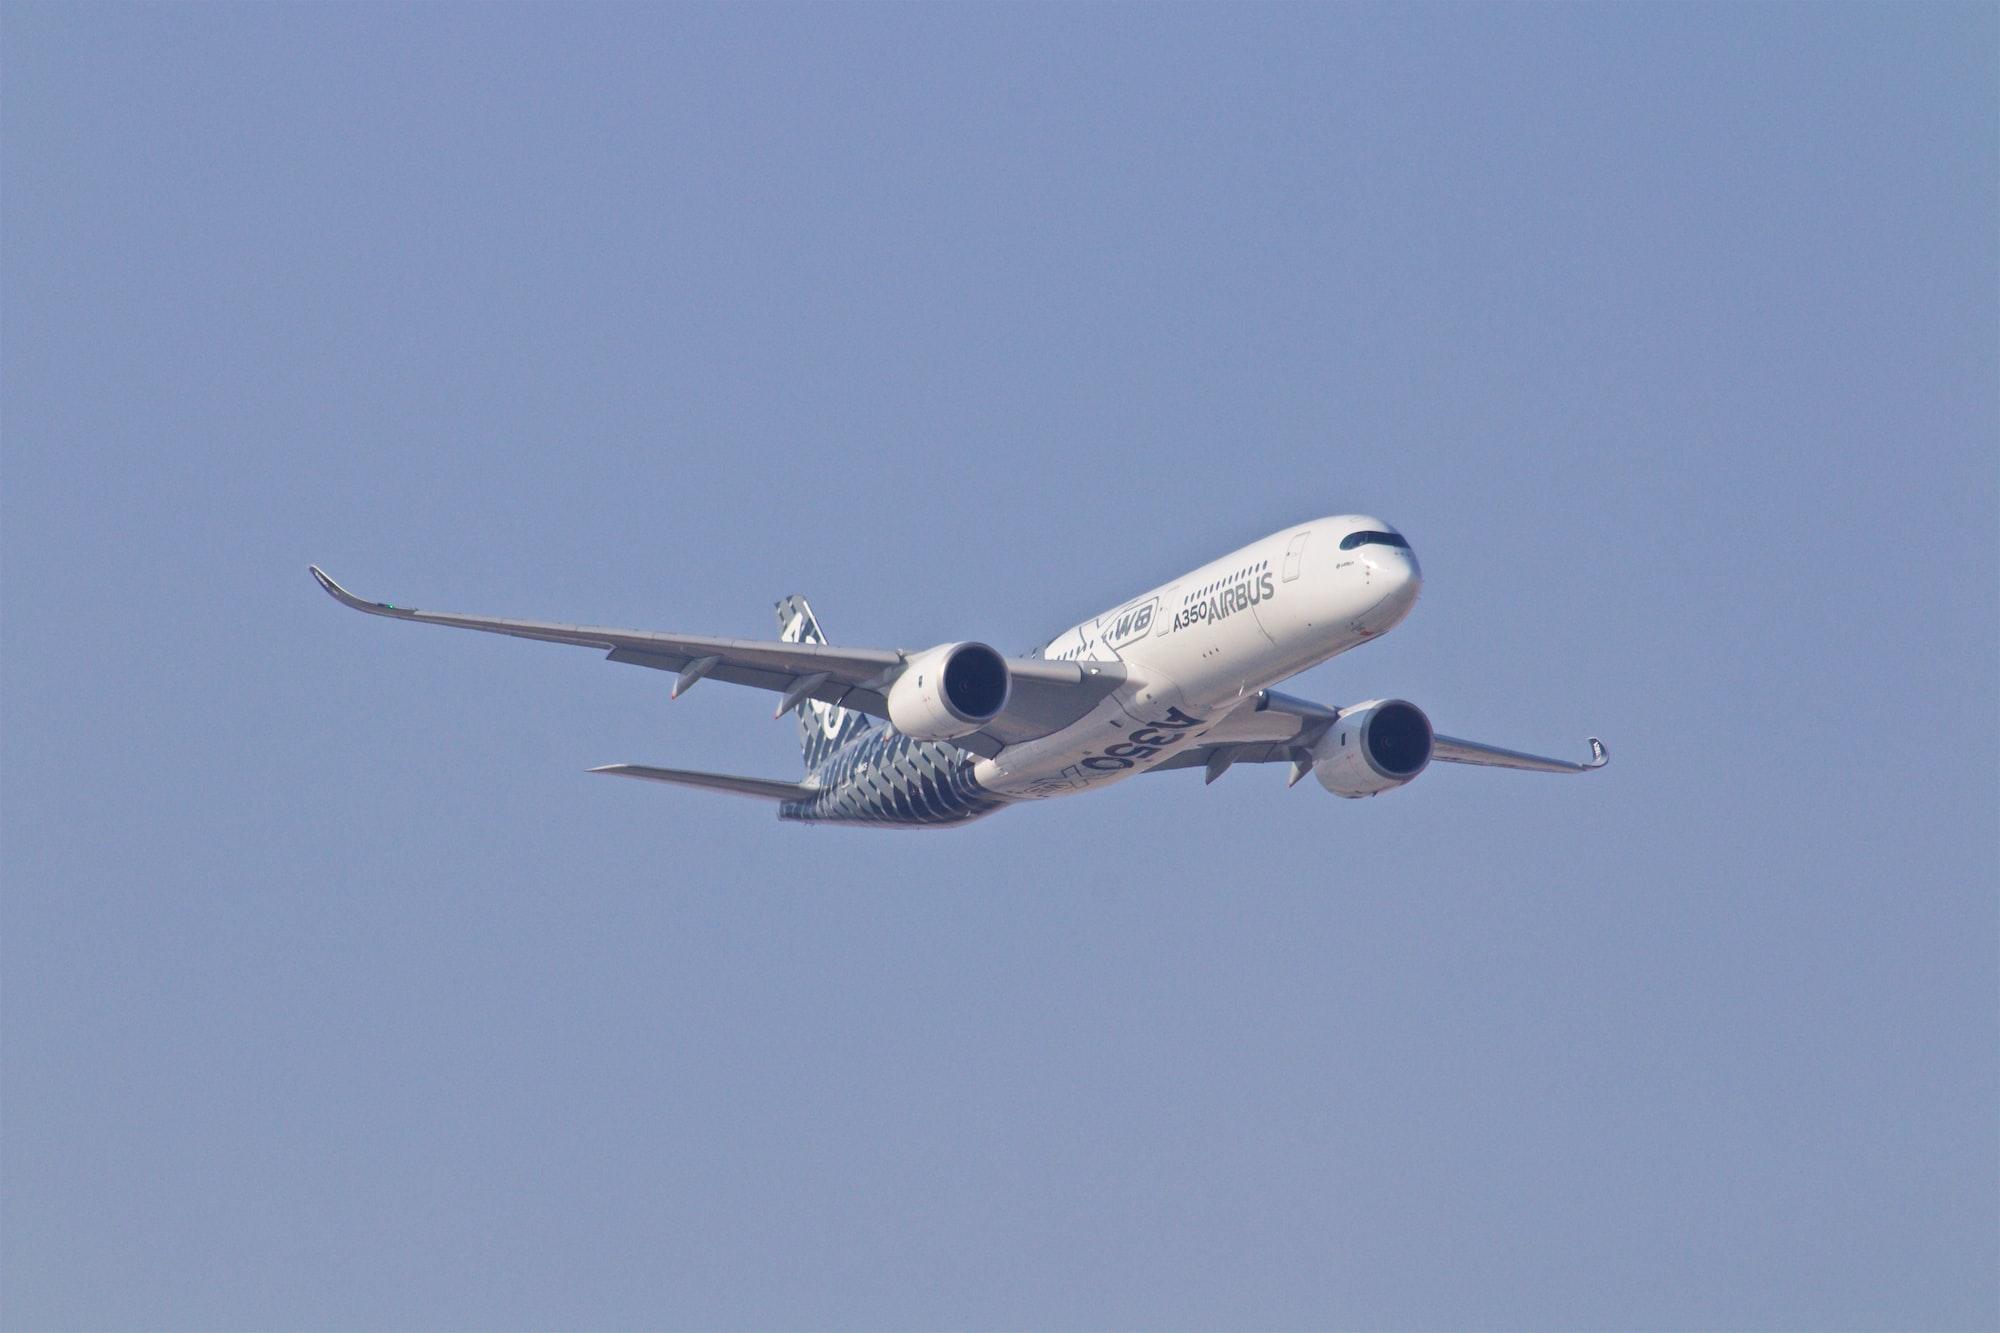 भारत-ब्रिटेन के हवाई किराए में जल्द राहत नहीं, हल्की होती यात्रियों की जेब